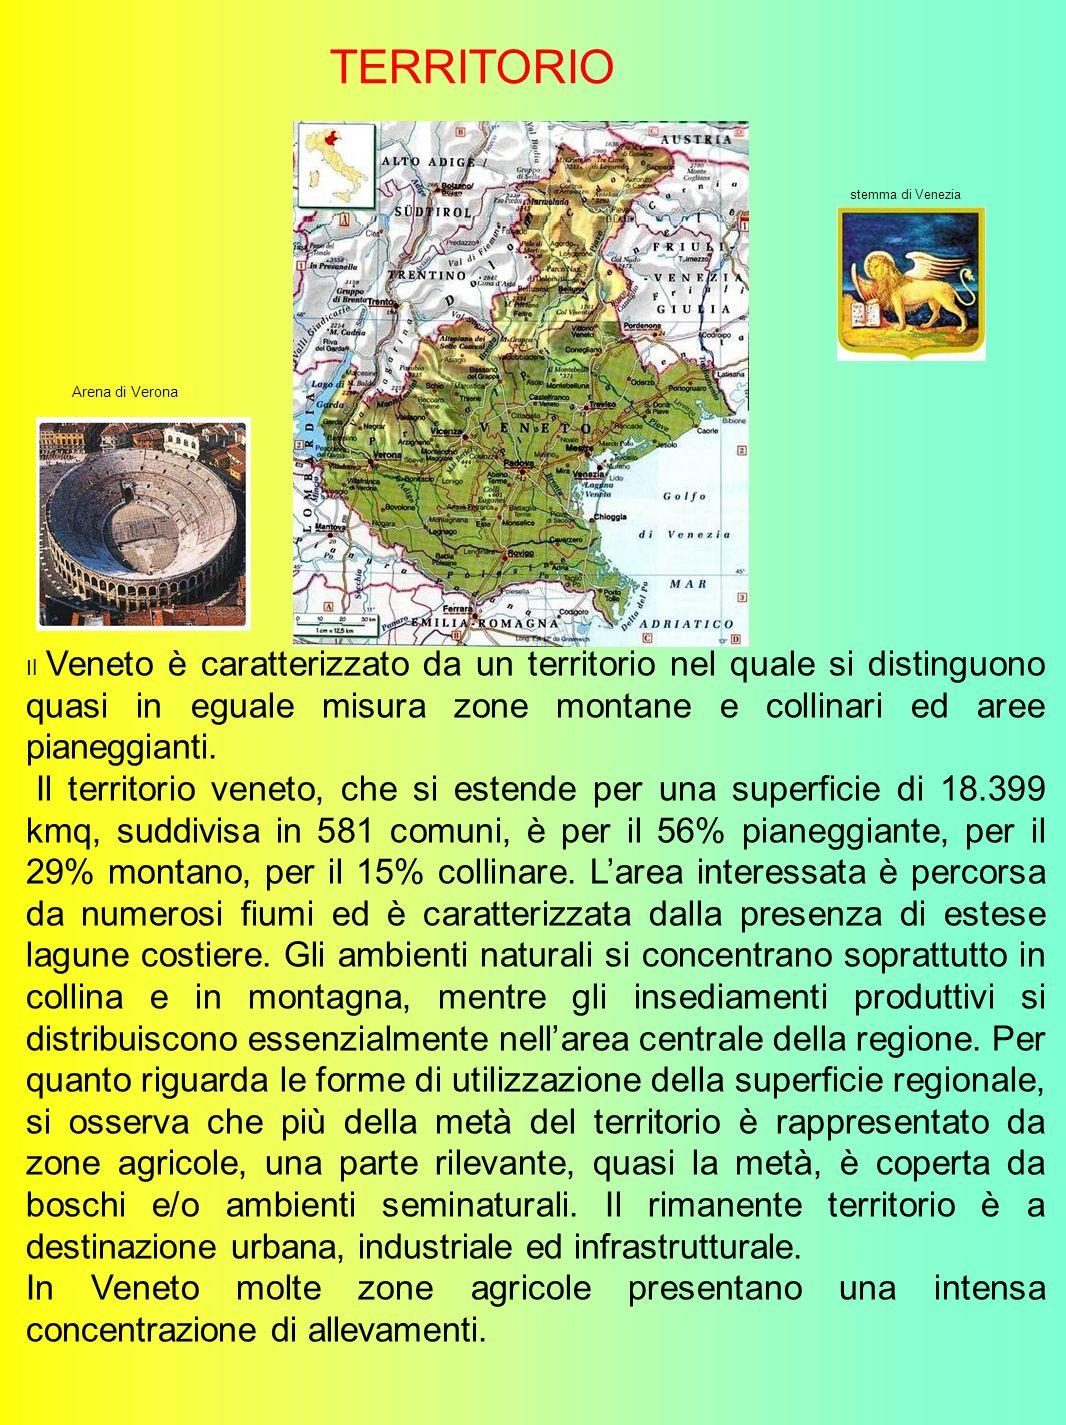 Il Veneto è caratterizzato da un territorio nel quale si distinguono quasi in eguale misura zone montane e collinari ed aree pianeggianti.